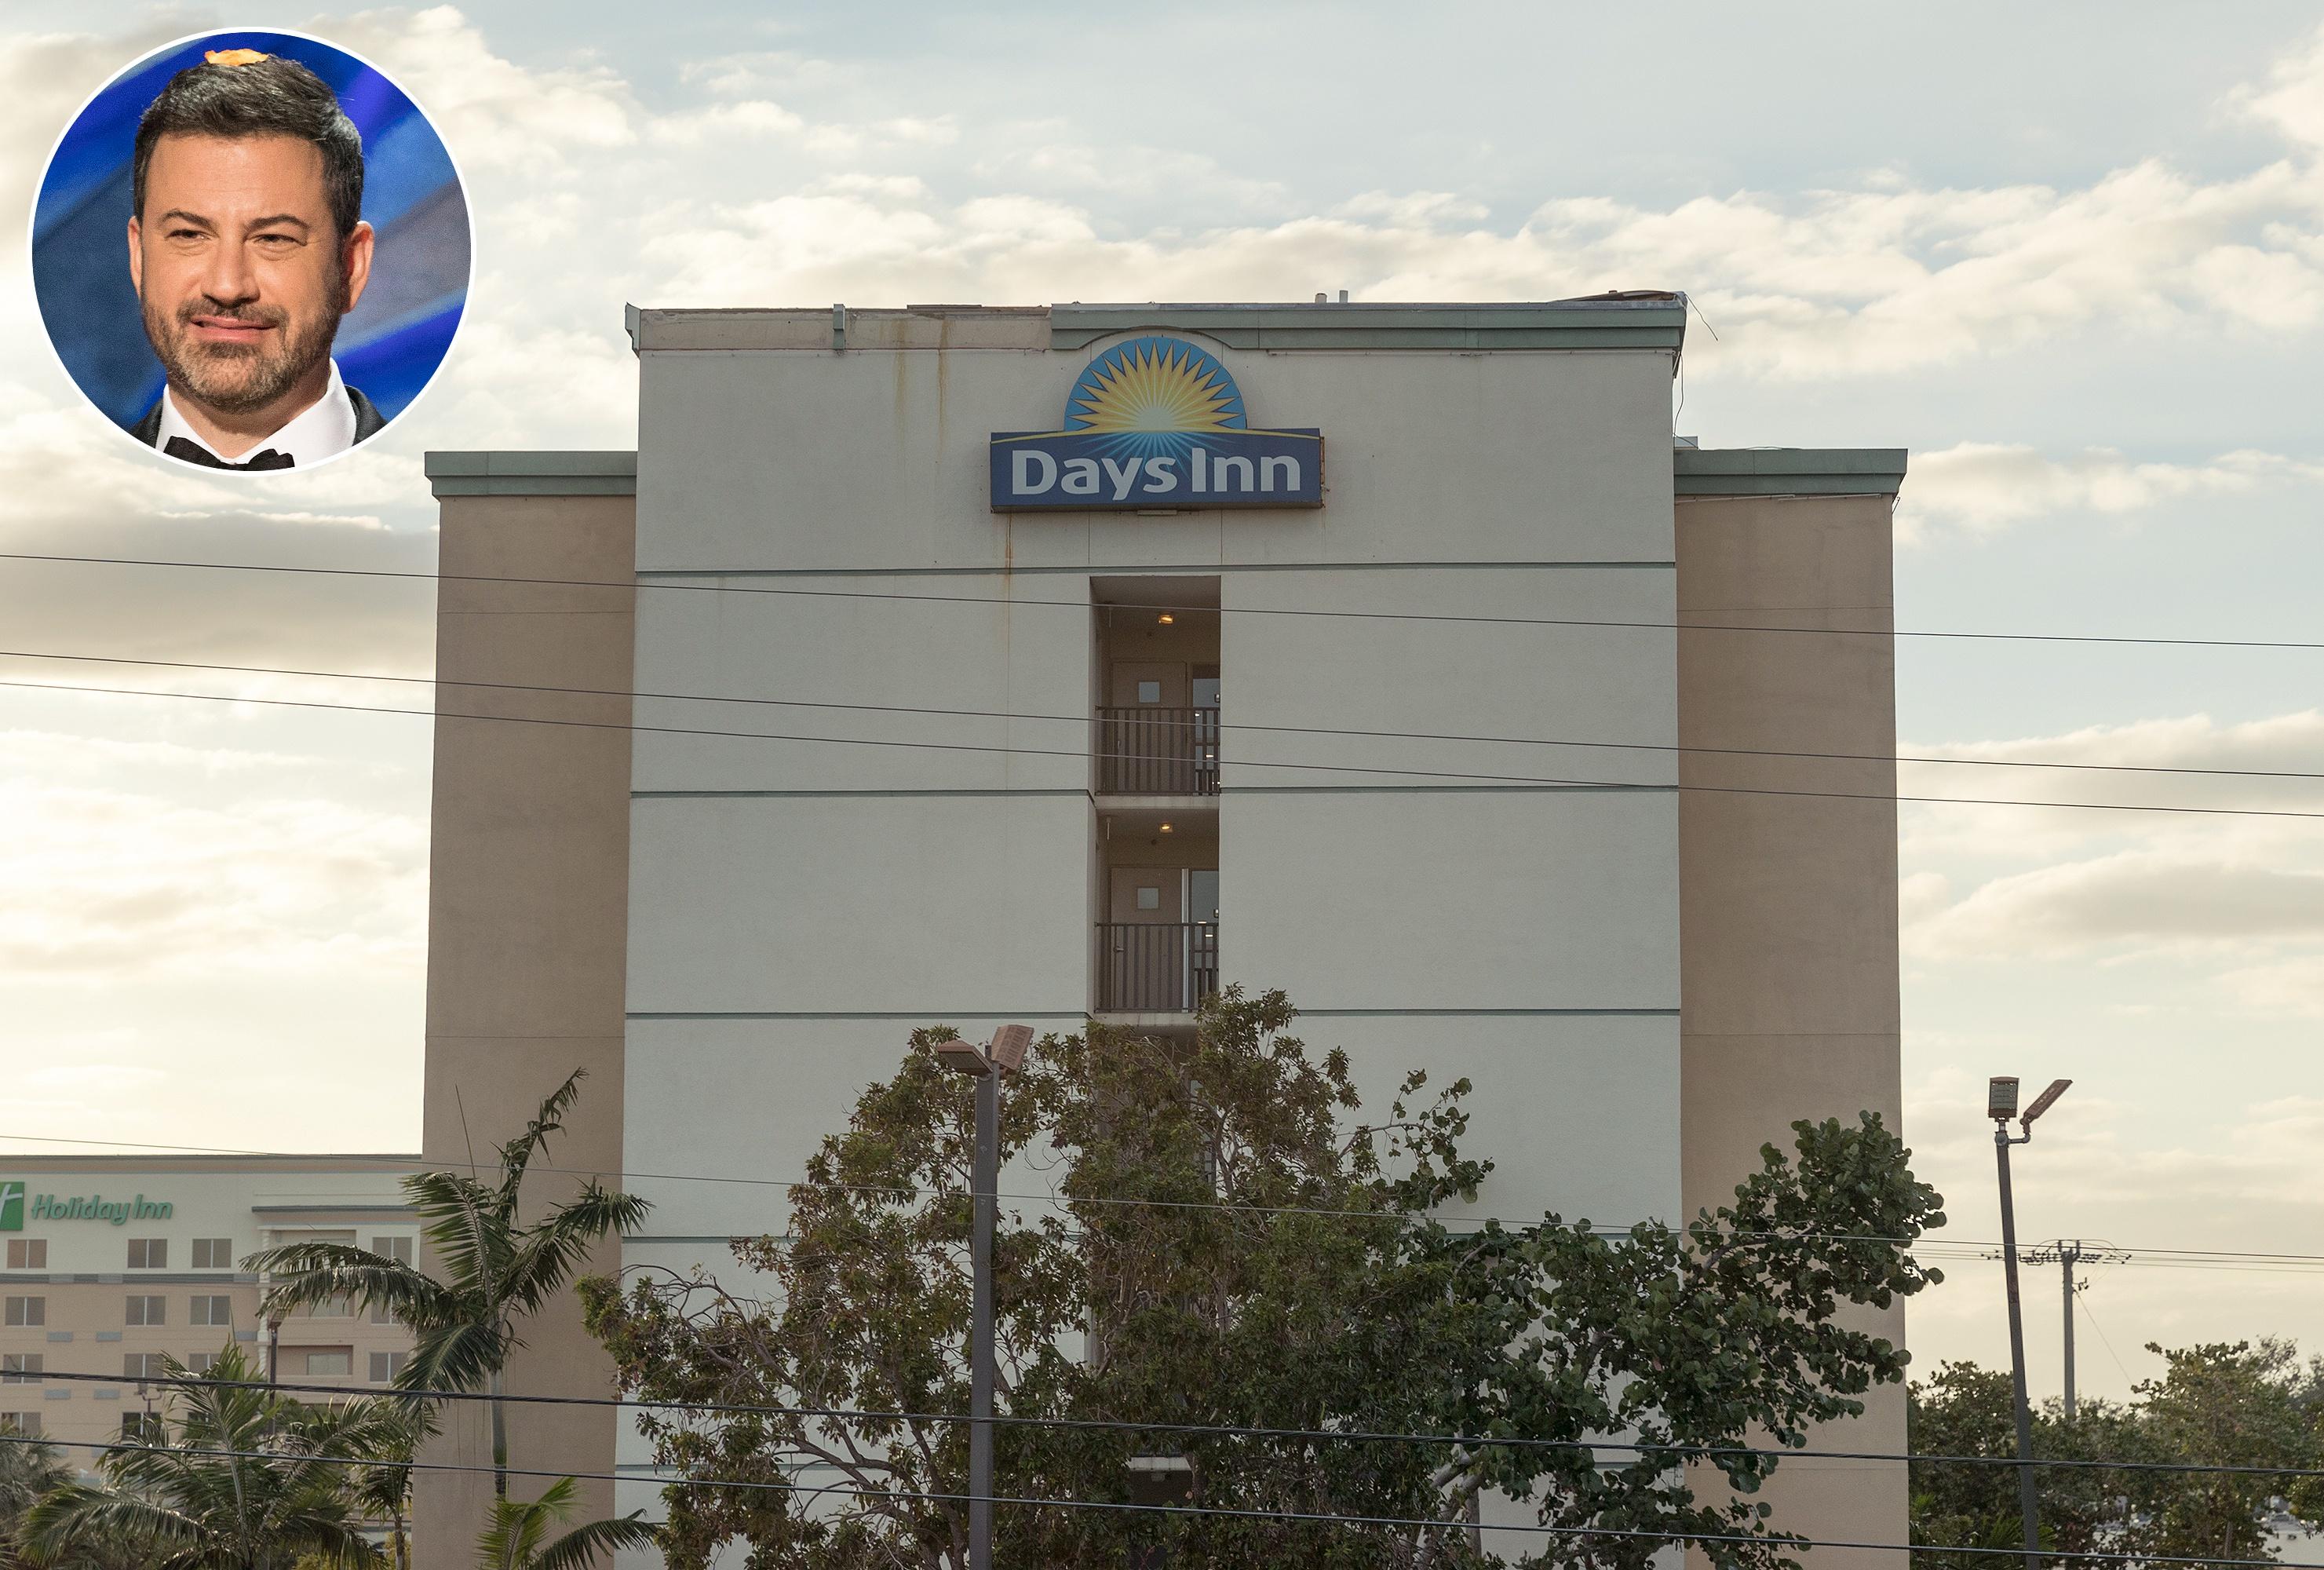 Days Inn Oscars